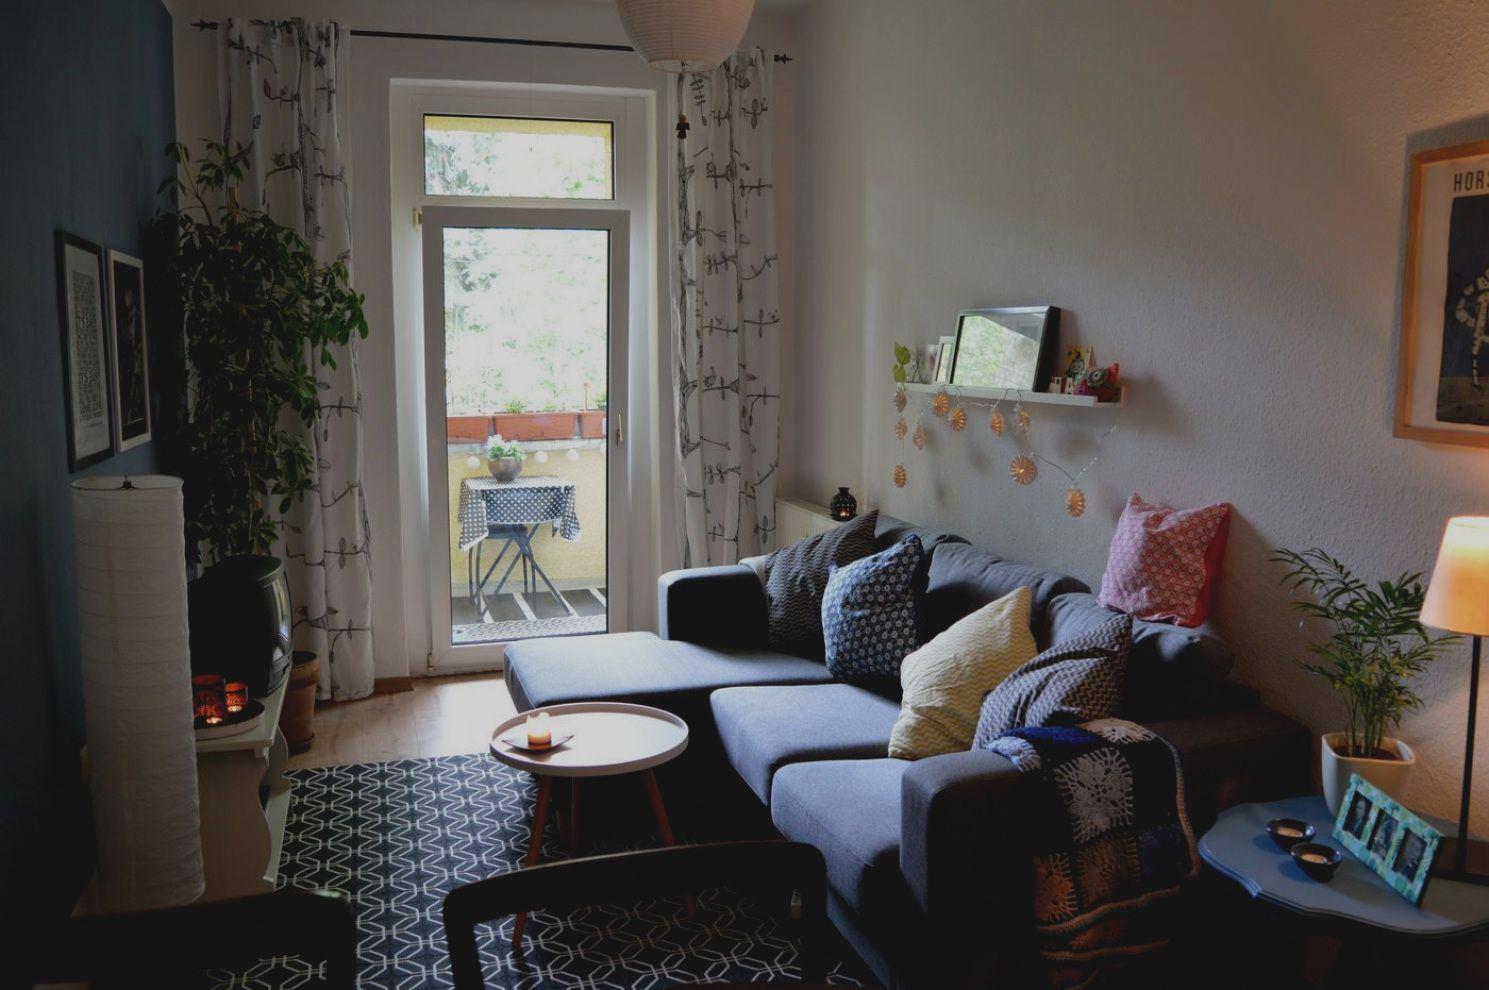 Gewaltig Einrichten Wohnzimmer Dekoration Von Mini Bad, Diy, Interior Architecture, Sitting Rooms,